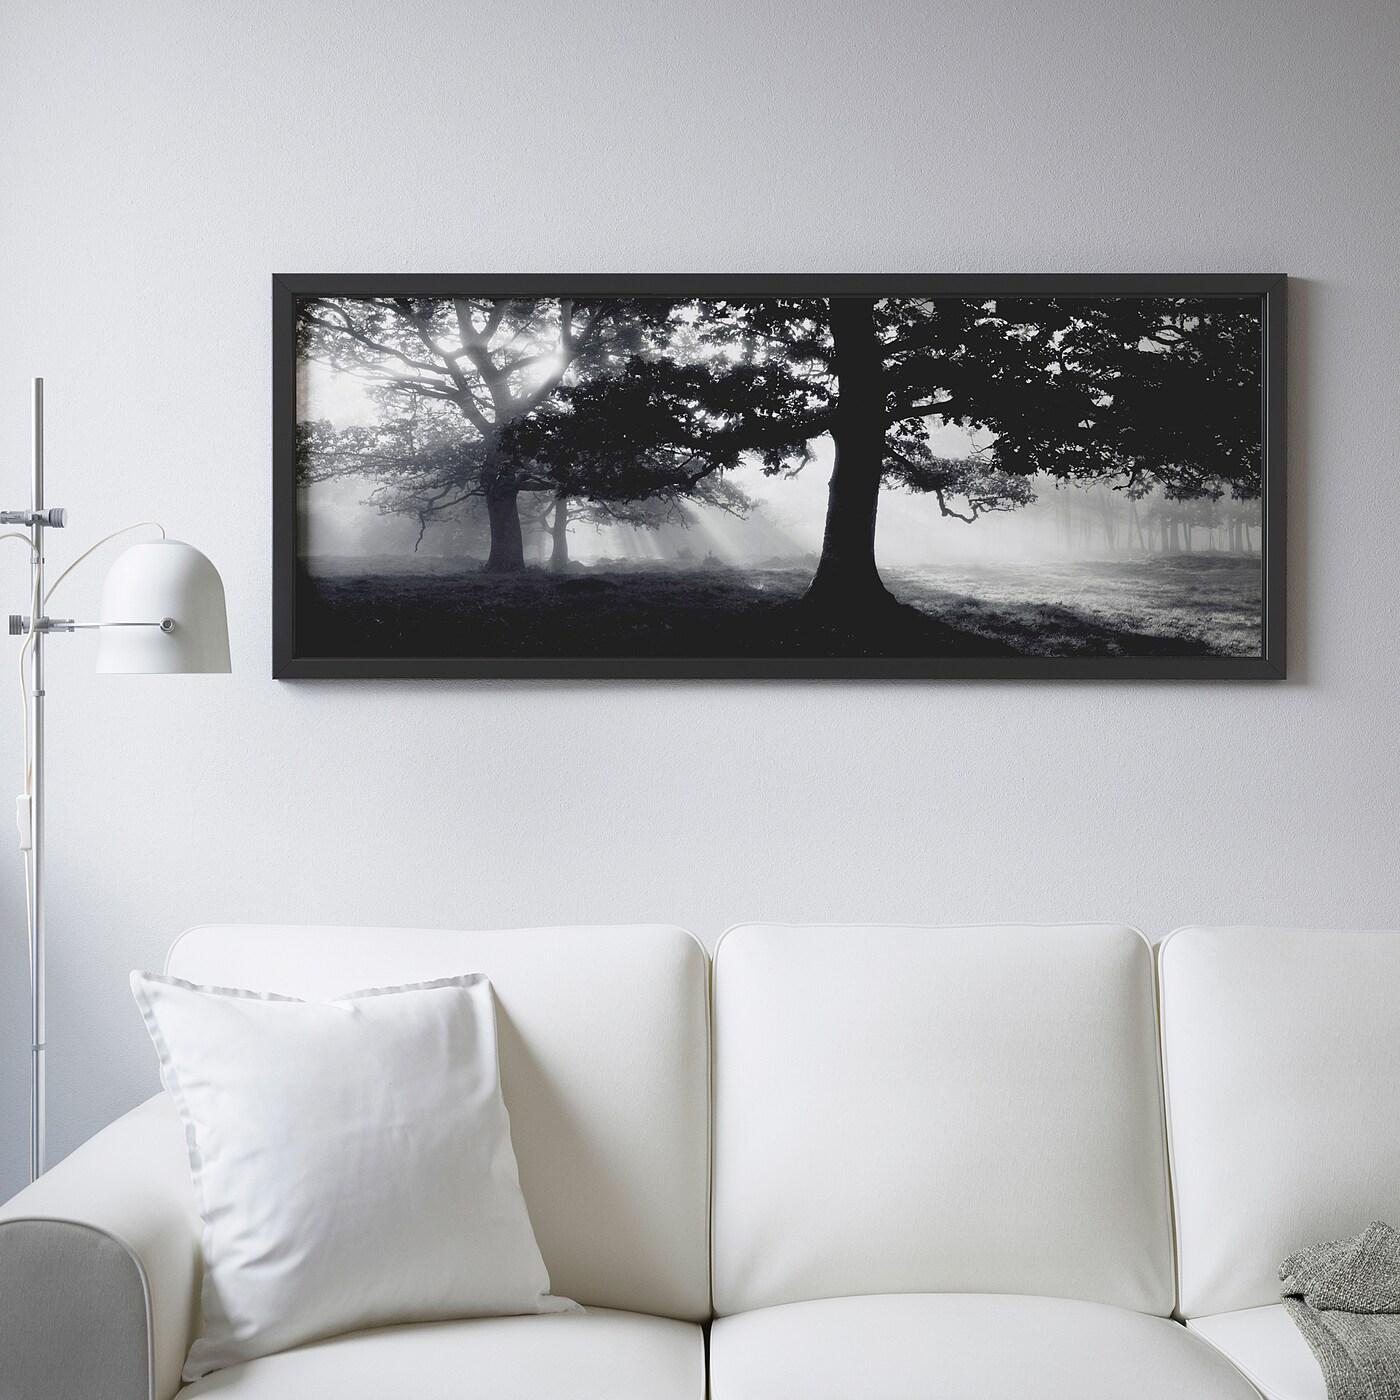 Art Plus Cadre Vitrolles bjÖrksta image avec cadre - rêverie en sous-bois ii, noir 140x56 cm